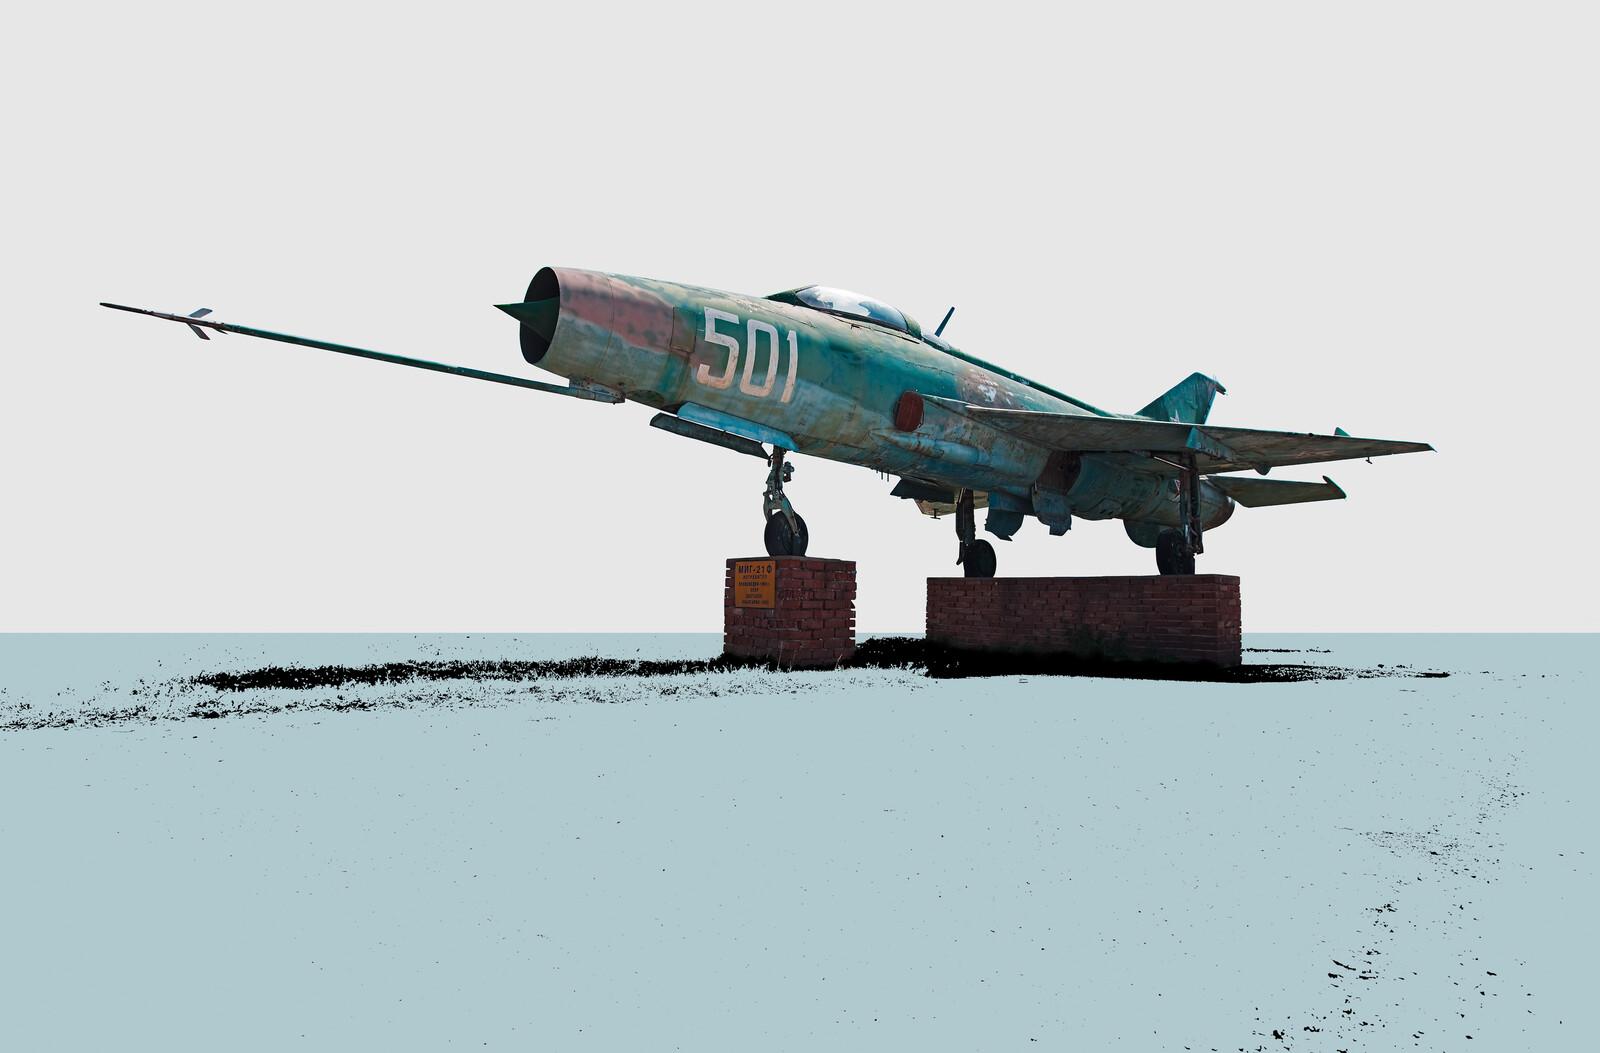 MIG-21 (Fishbed) - Dirk Brömmel